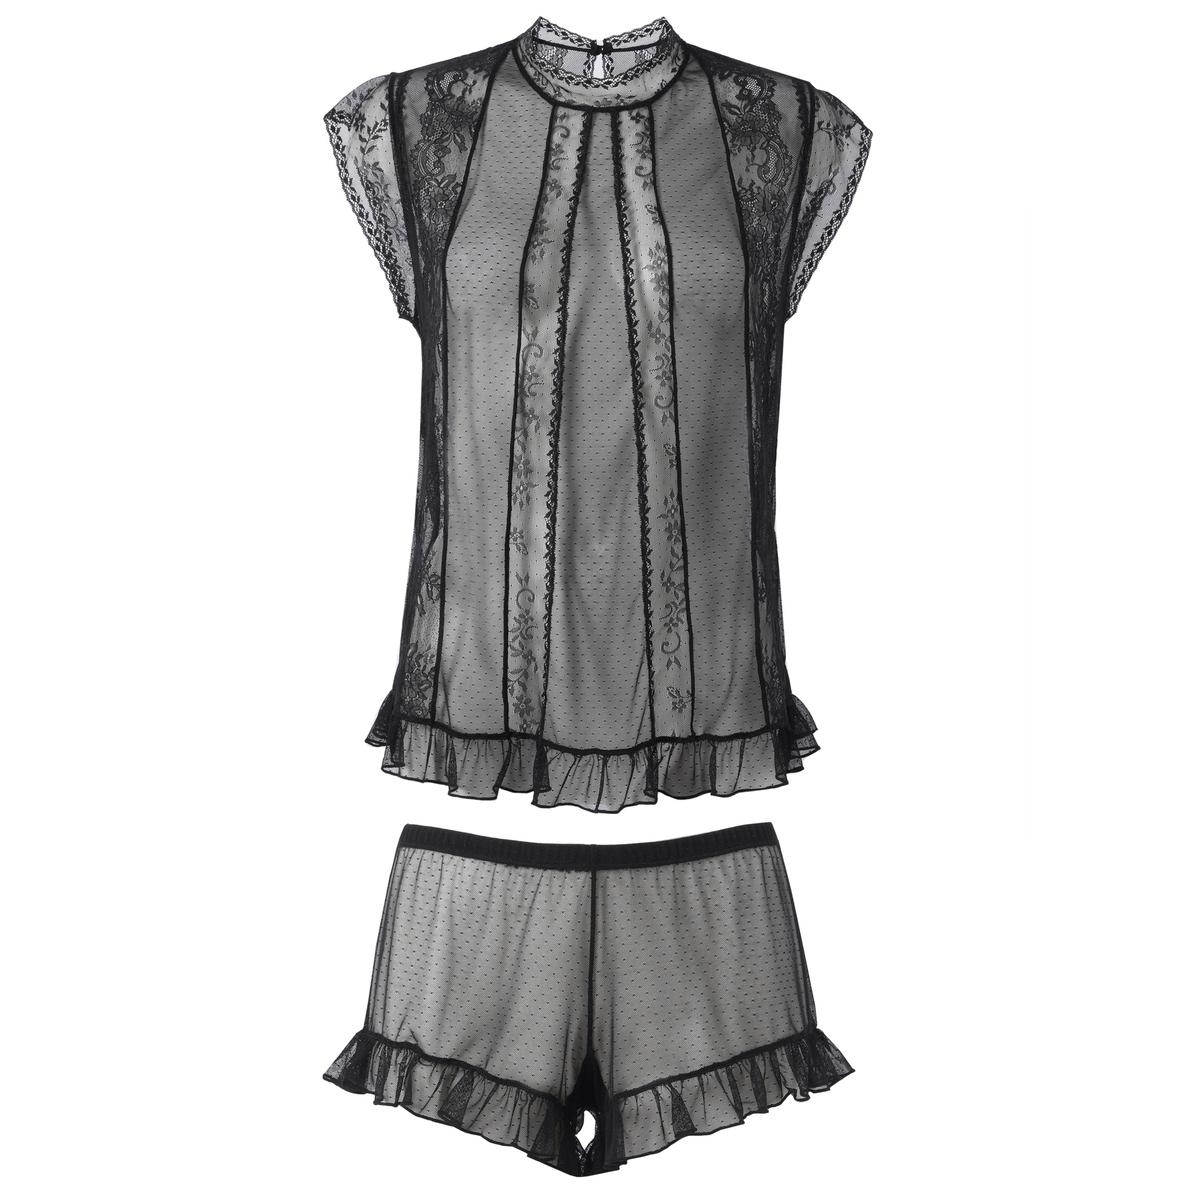 Пижама с шортами из тюля, расшитого гладью, и кружева пижама с шортами quelle le jogger 193555